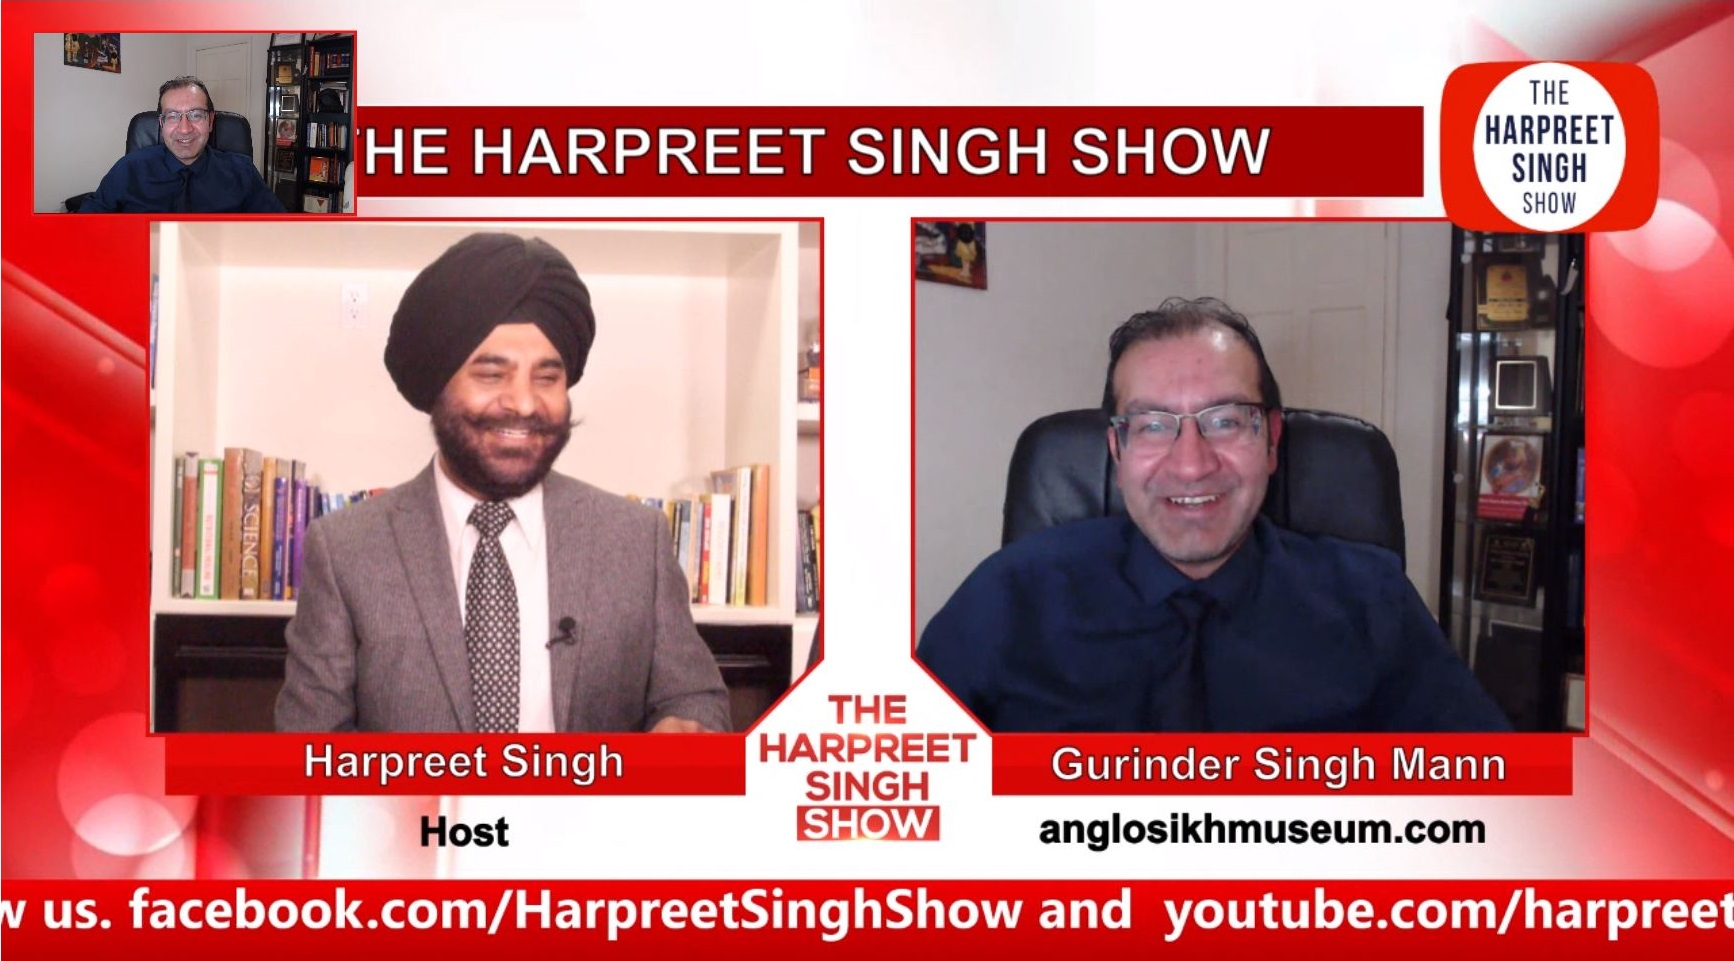 Gurinder Singh Mann interviewed on The Harpreet Singh Show